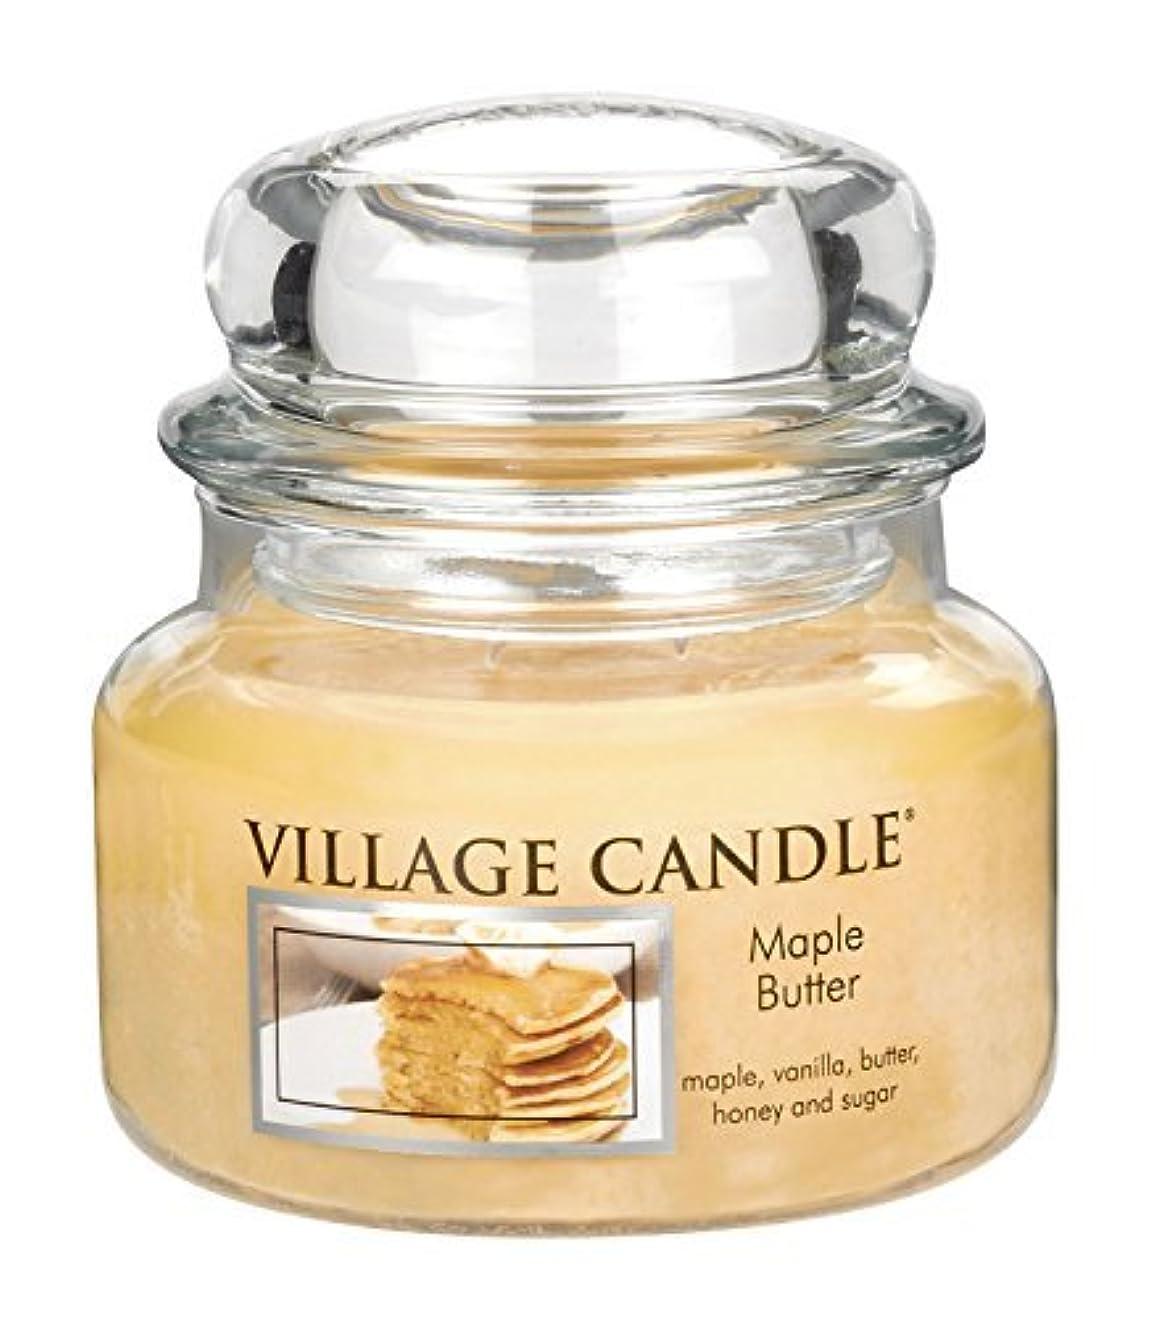 飾り羽キャンバス他の日Village Candle Maple Butter 11 oz Glass Jar Scented Candle Small [並行輸入品]